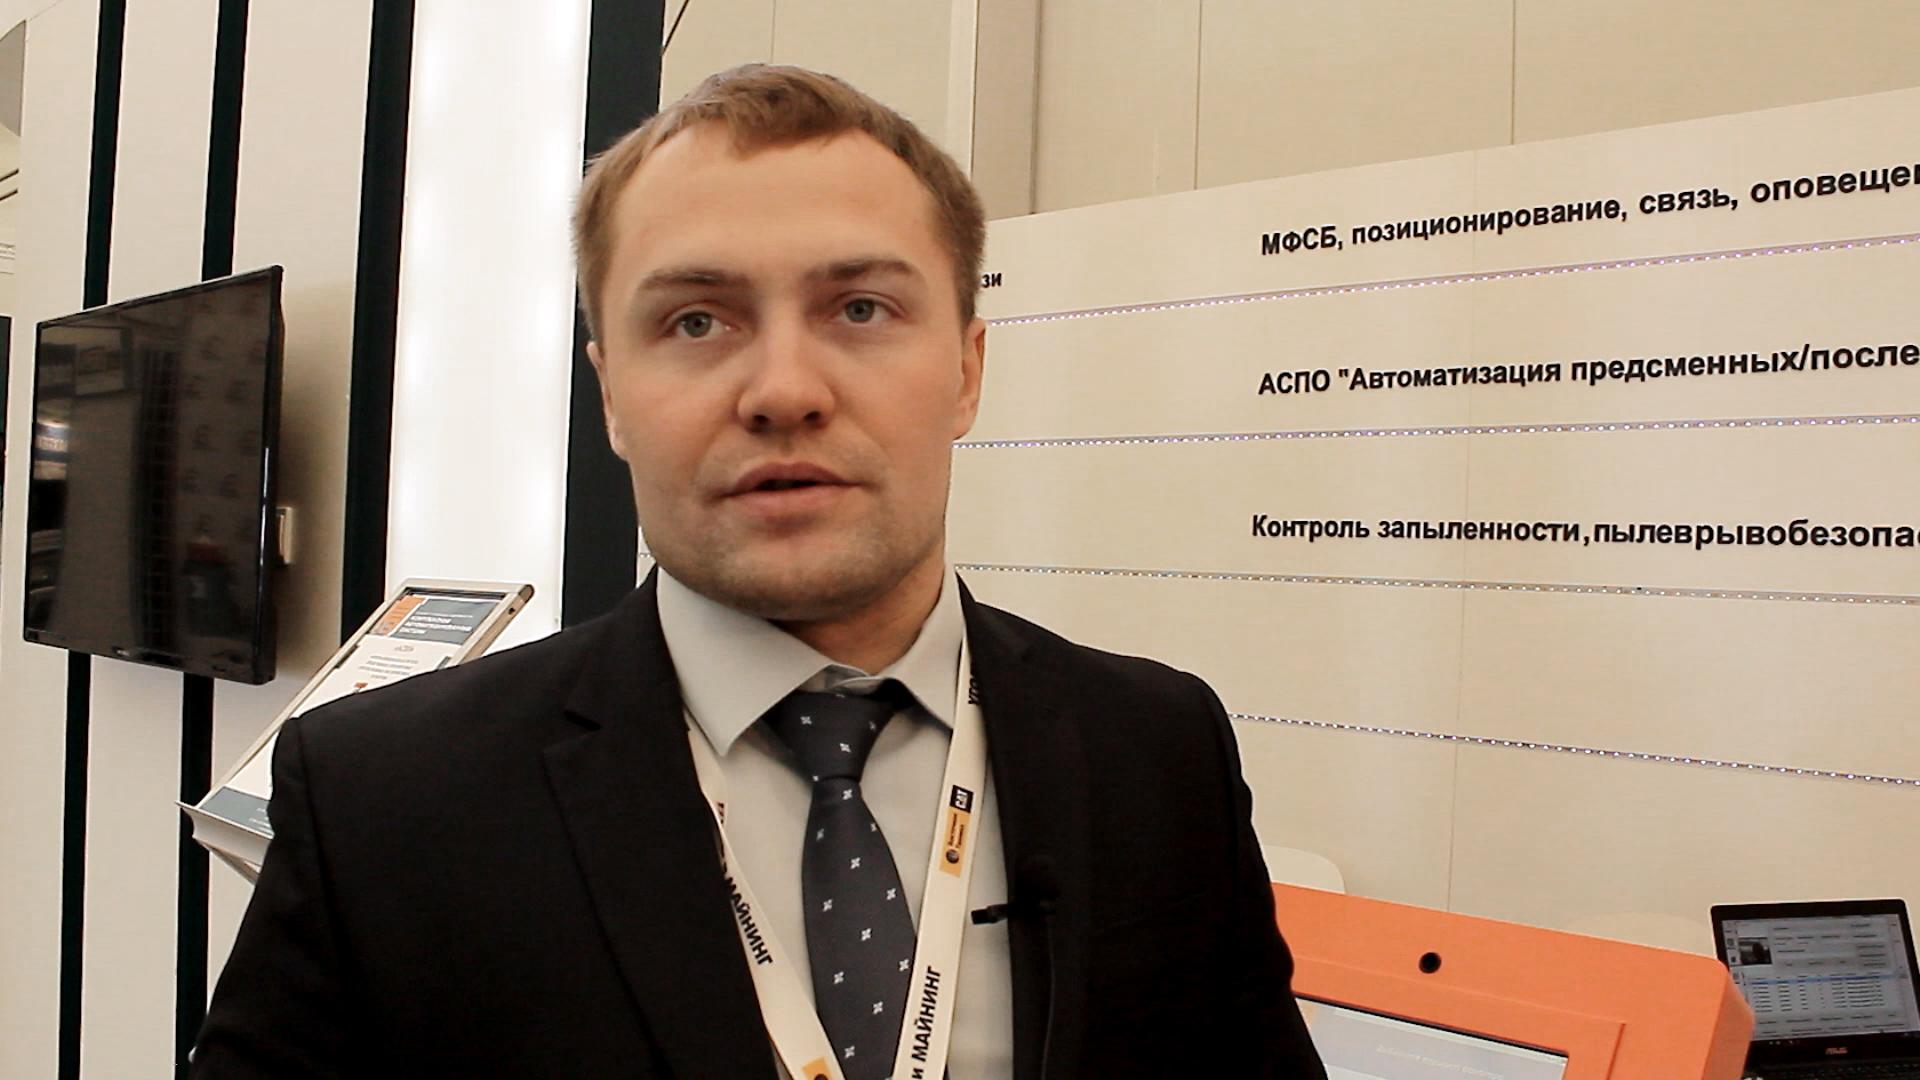 заместитель генерального директора по маркетингу ООО «КАС» Александр Алексеев